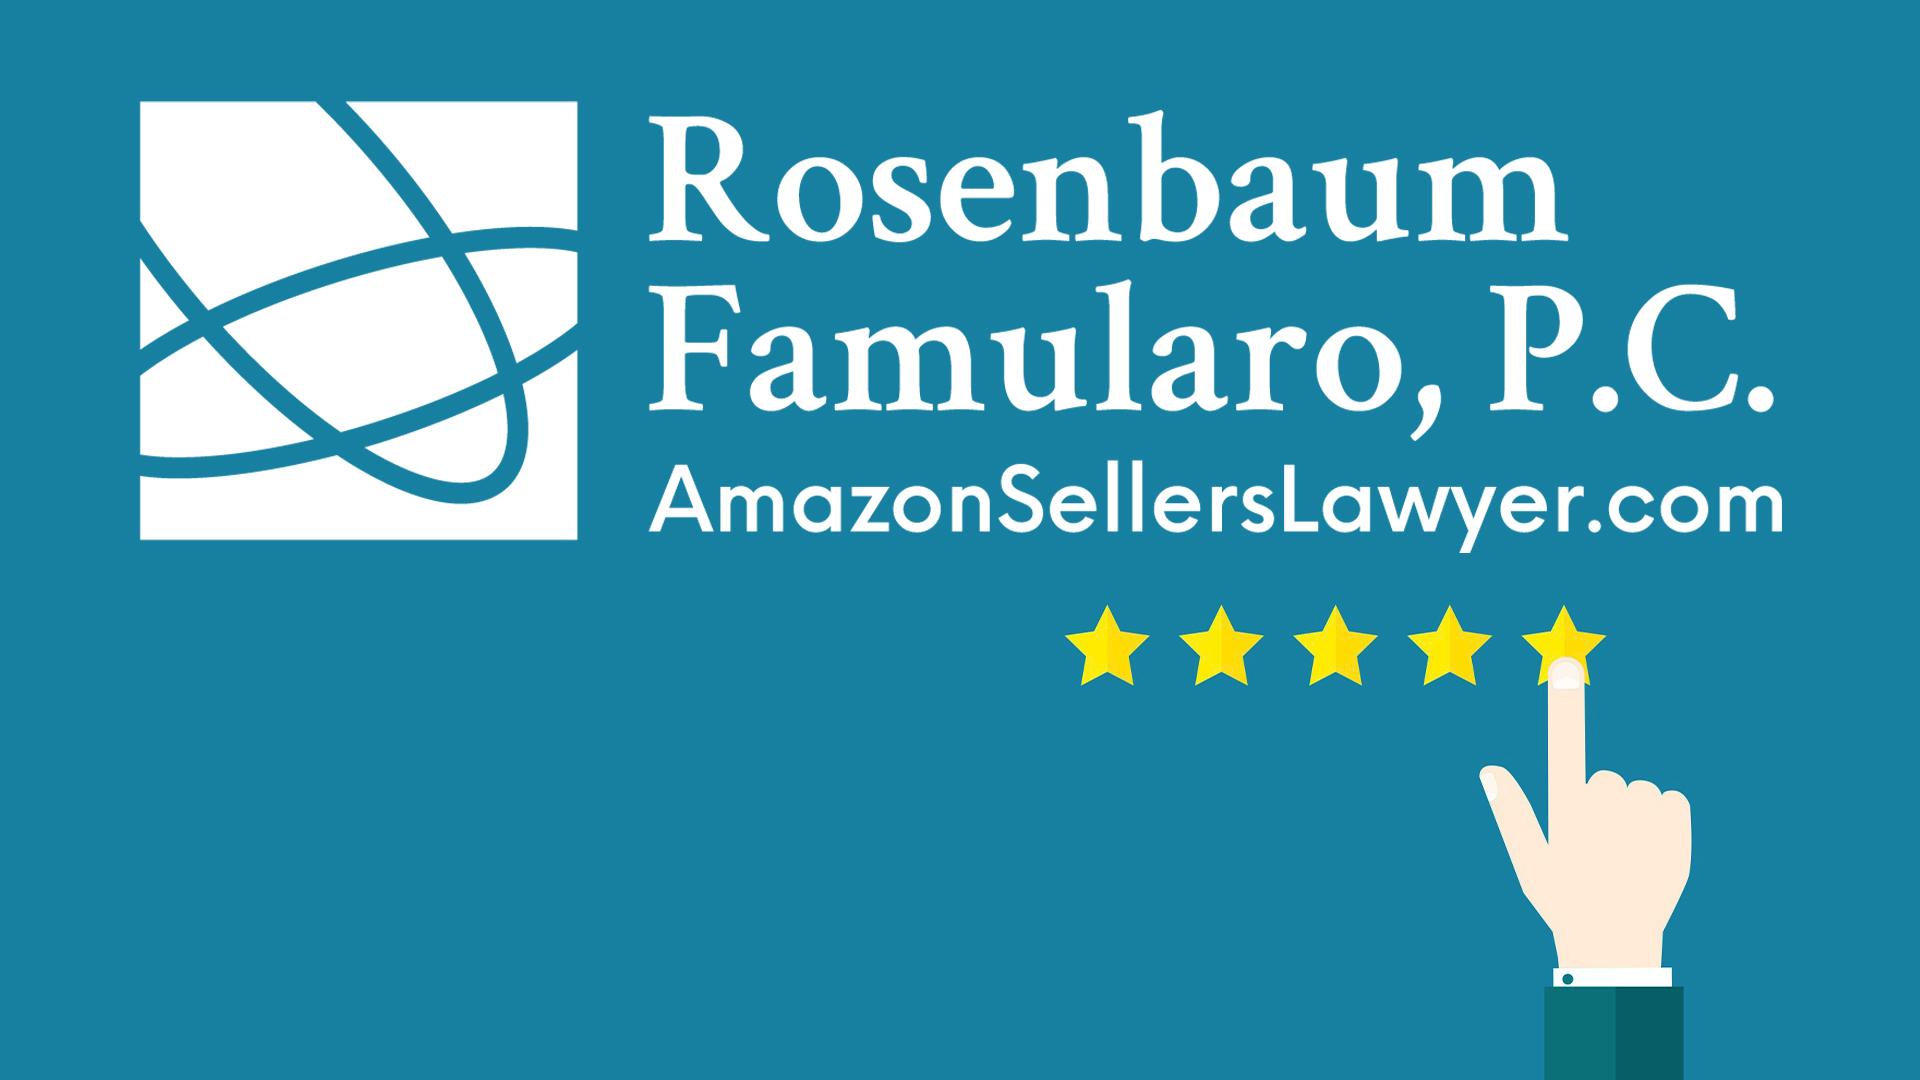 Amazon seller testimonials